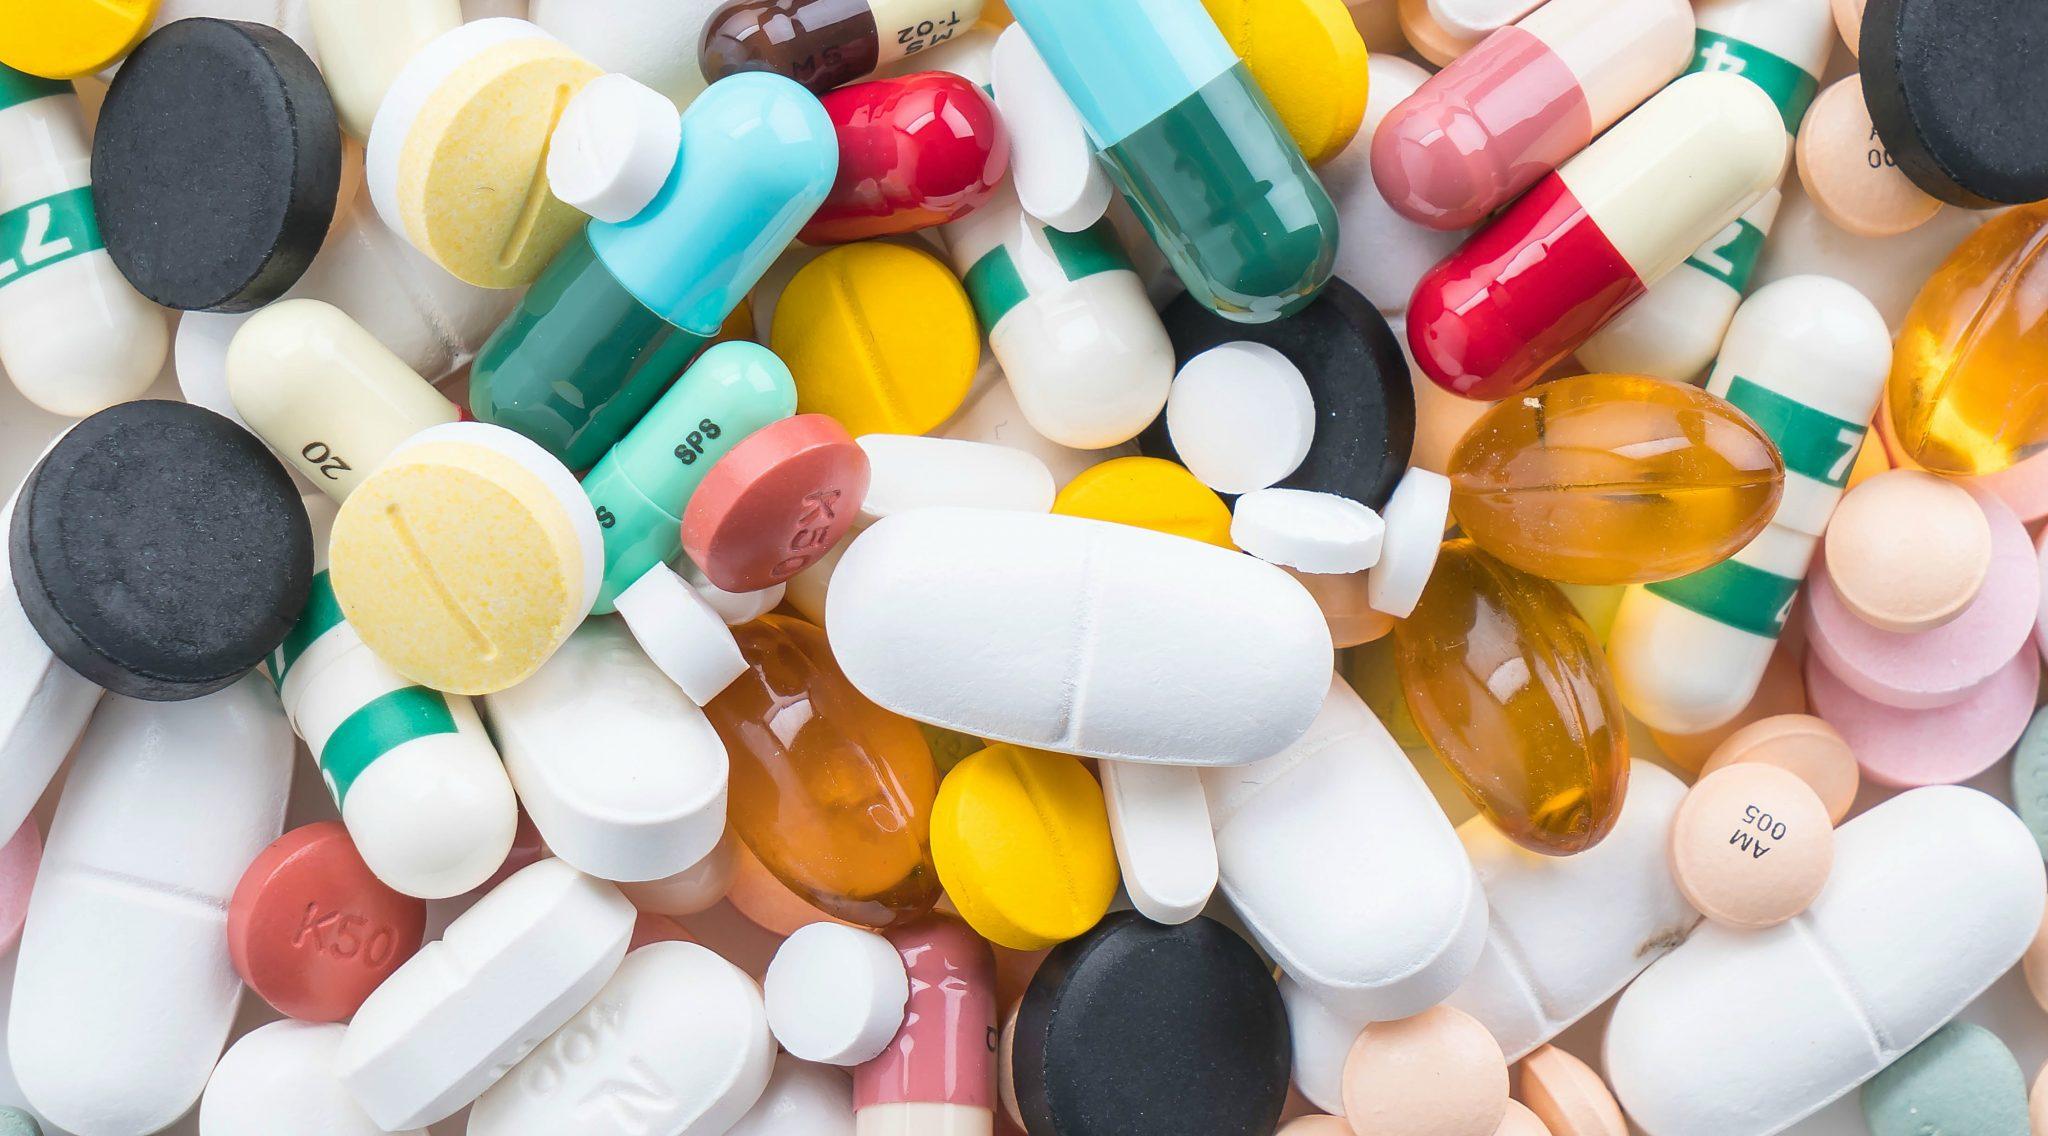 Ministério da Saúde divulga diretrizes para tratamento medicamentoso de pacientes